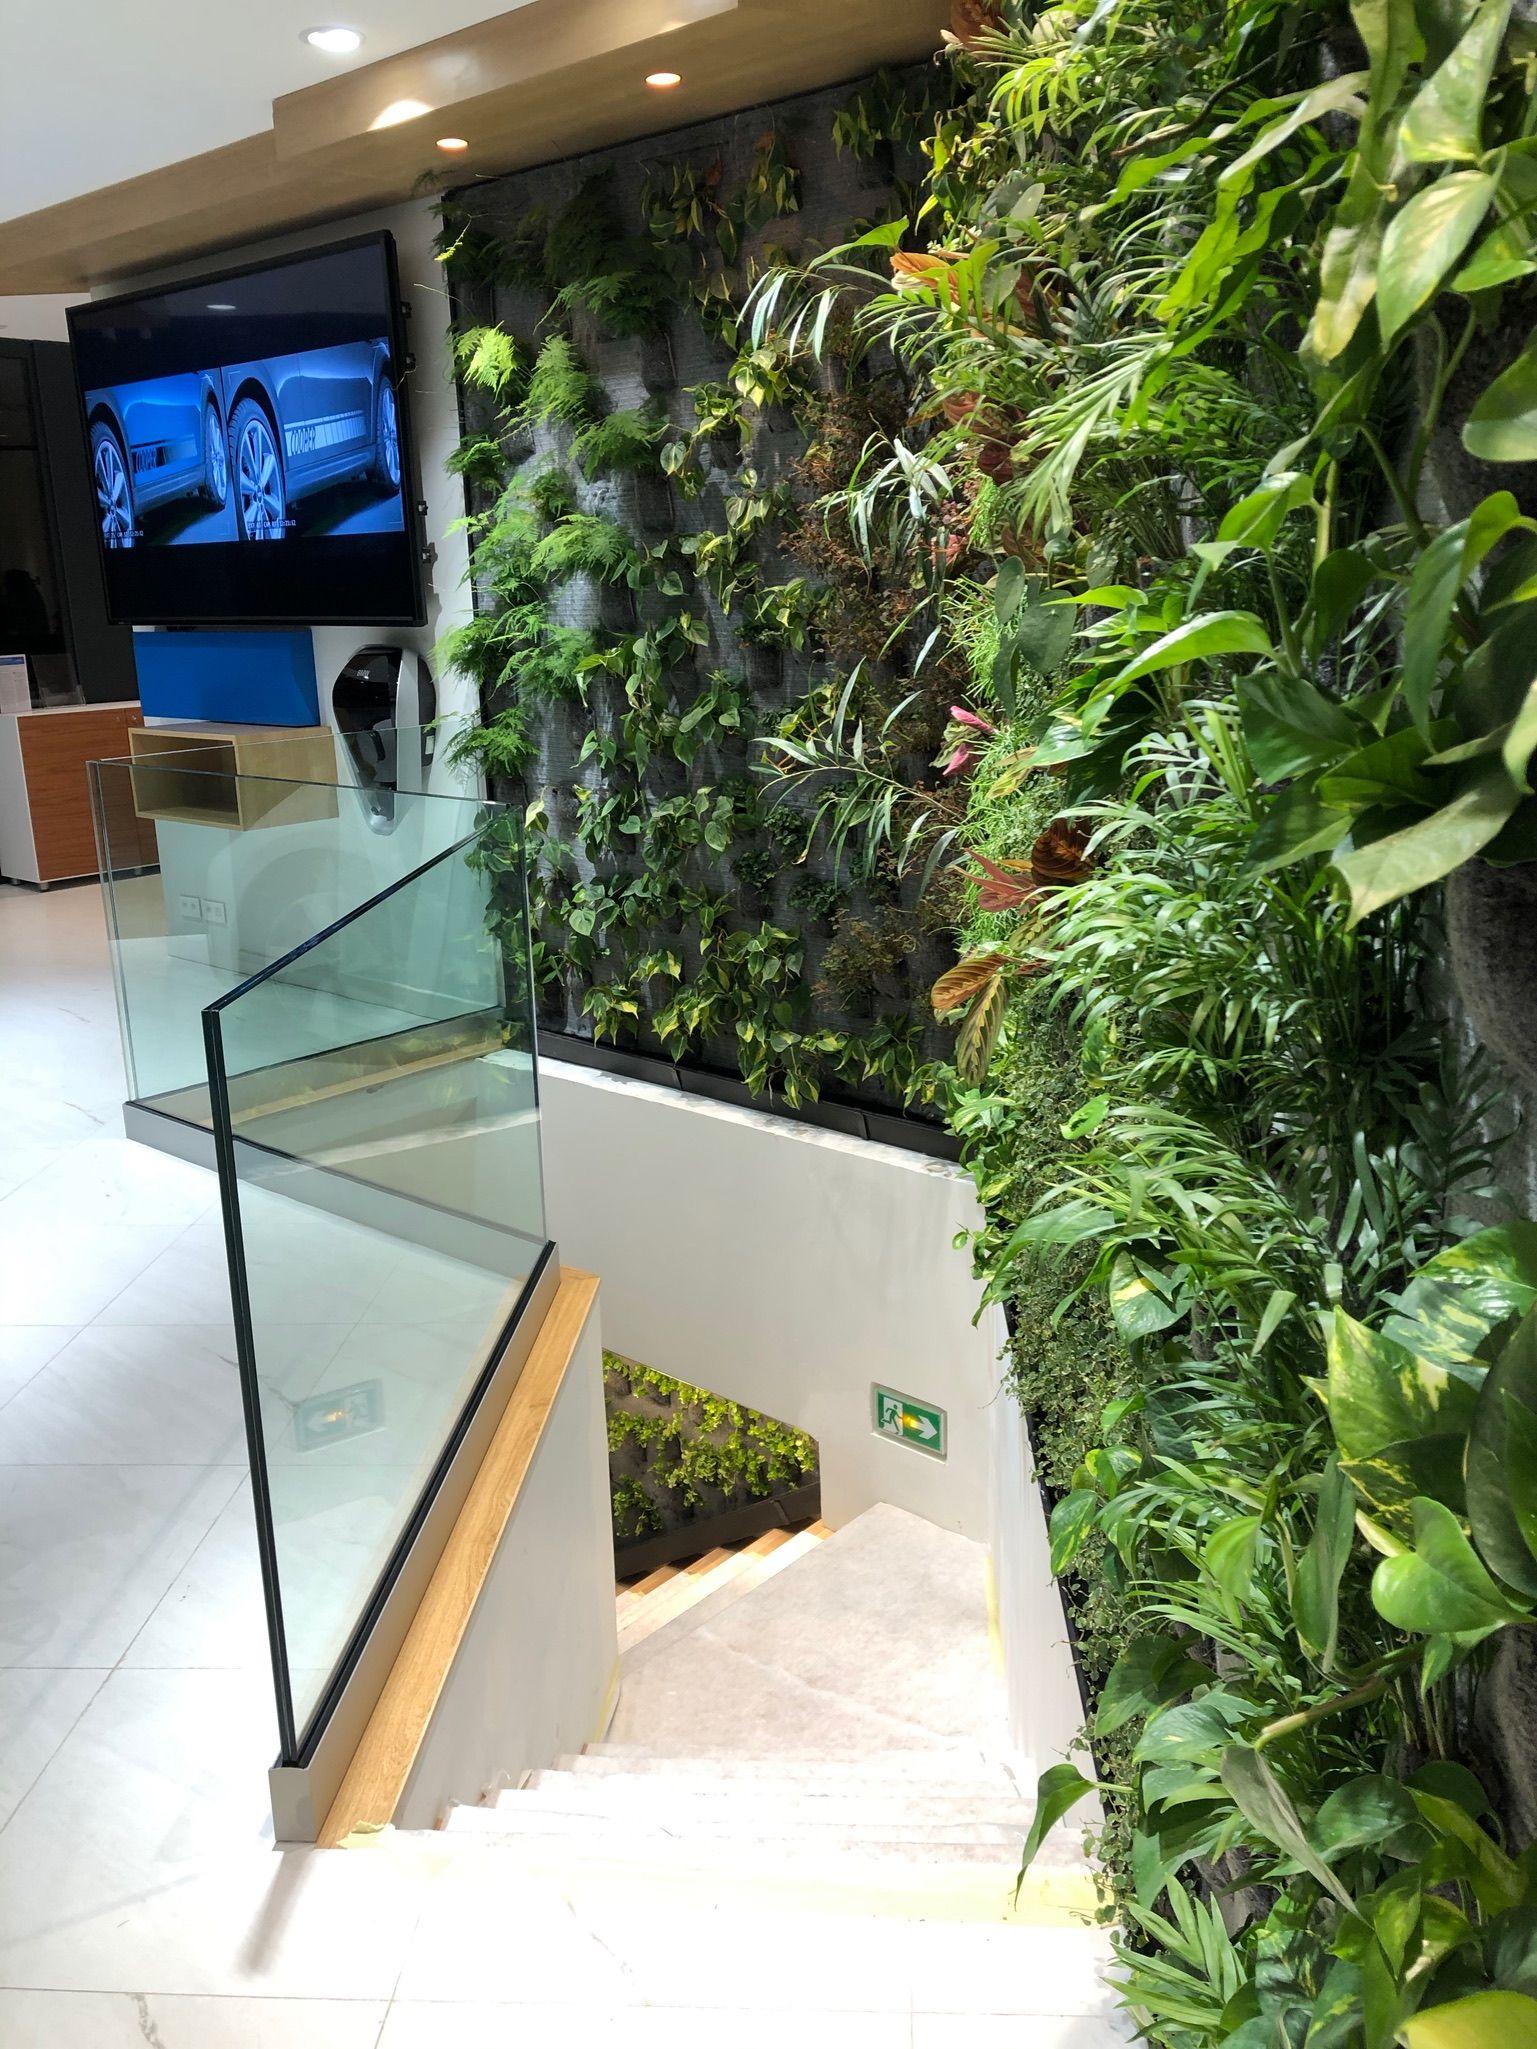 mur végétal intérieur en 2020  mur vegetal mur végétal